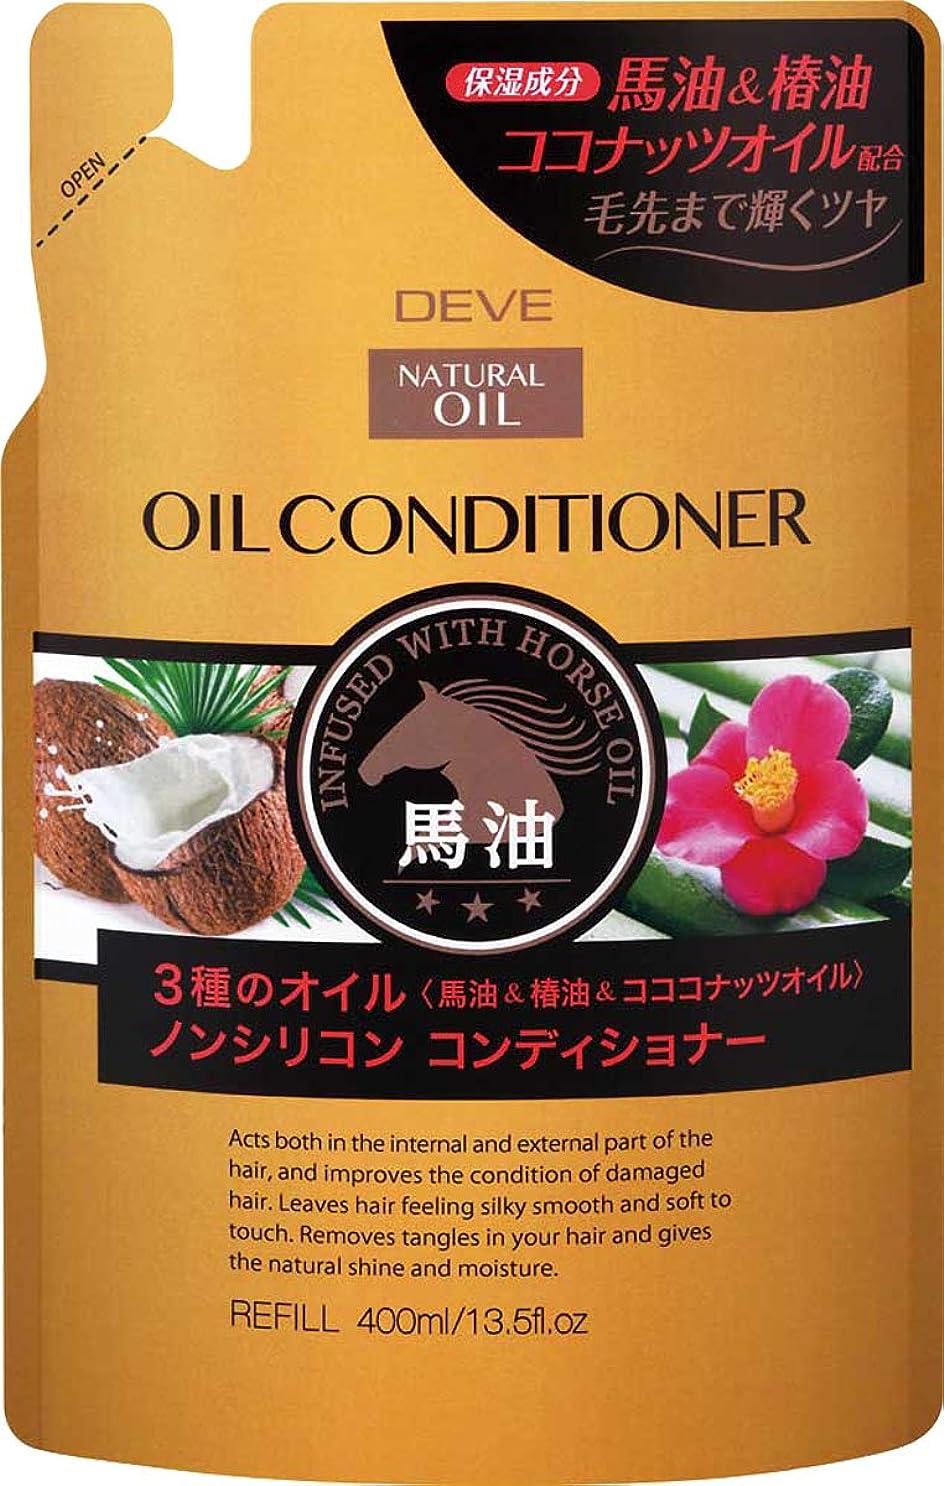 攻撃的休み保険をかける熊野油脂 ディブ 3種のオイル コンディショナー(馬油?椿油?ココナッツオイル) 400ml